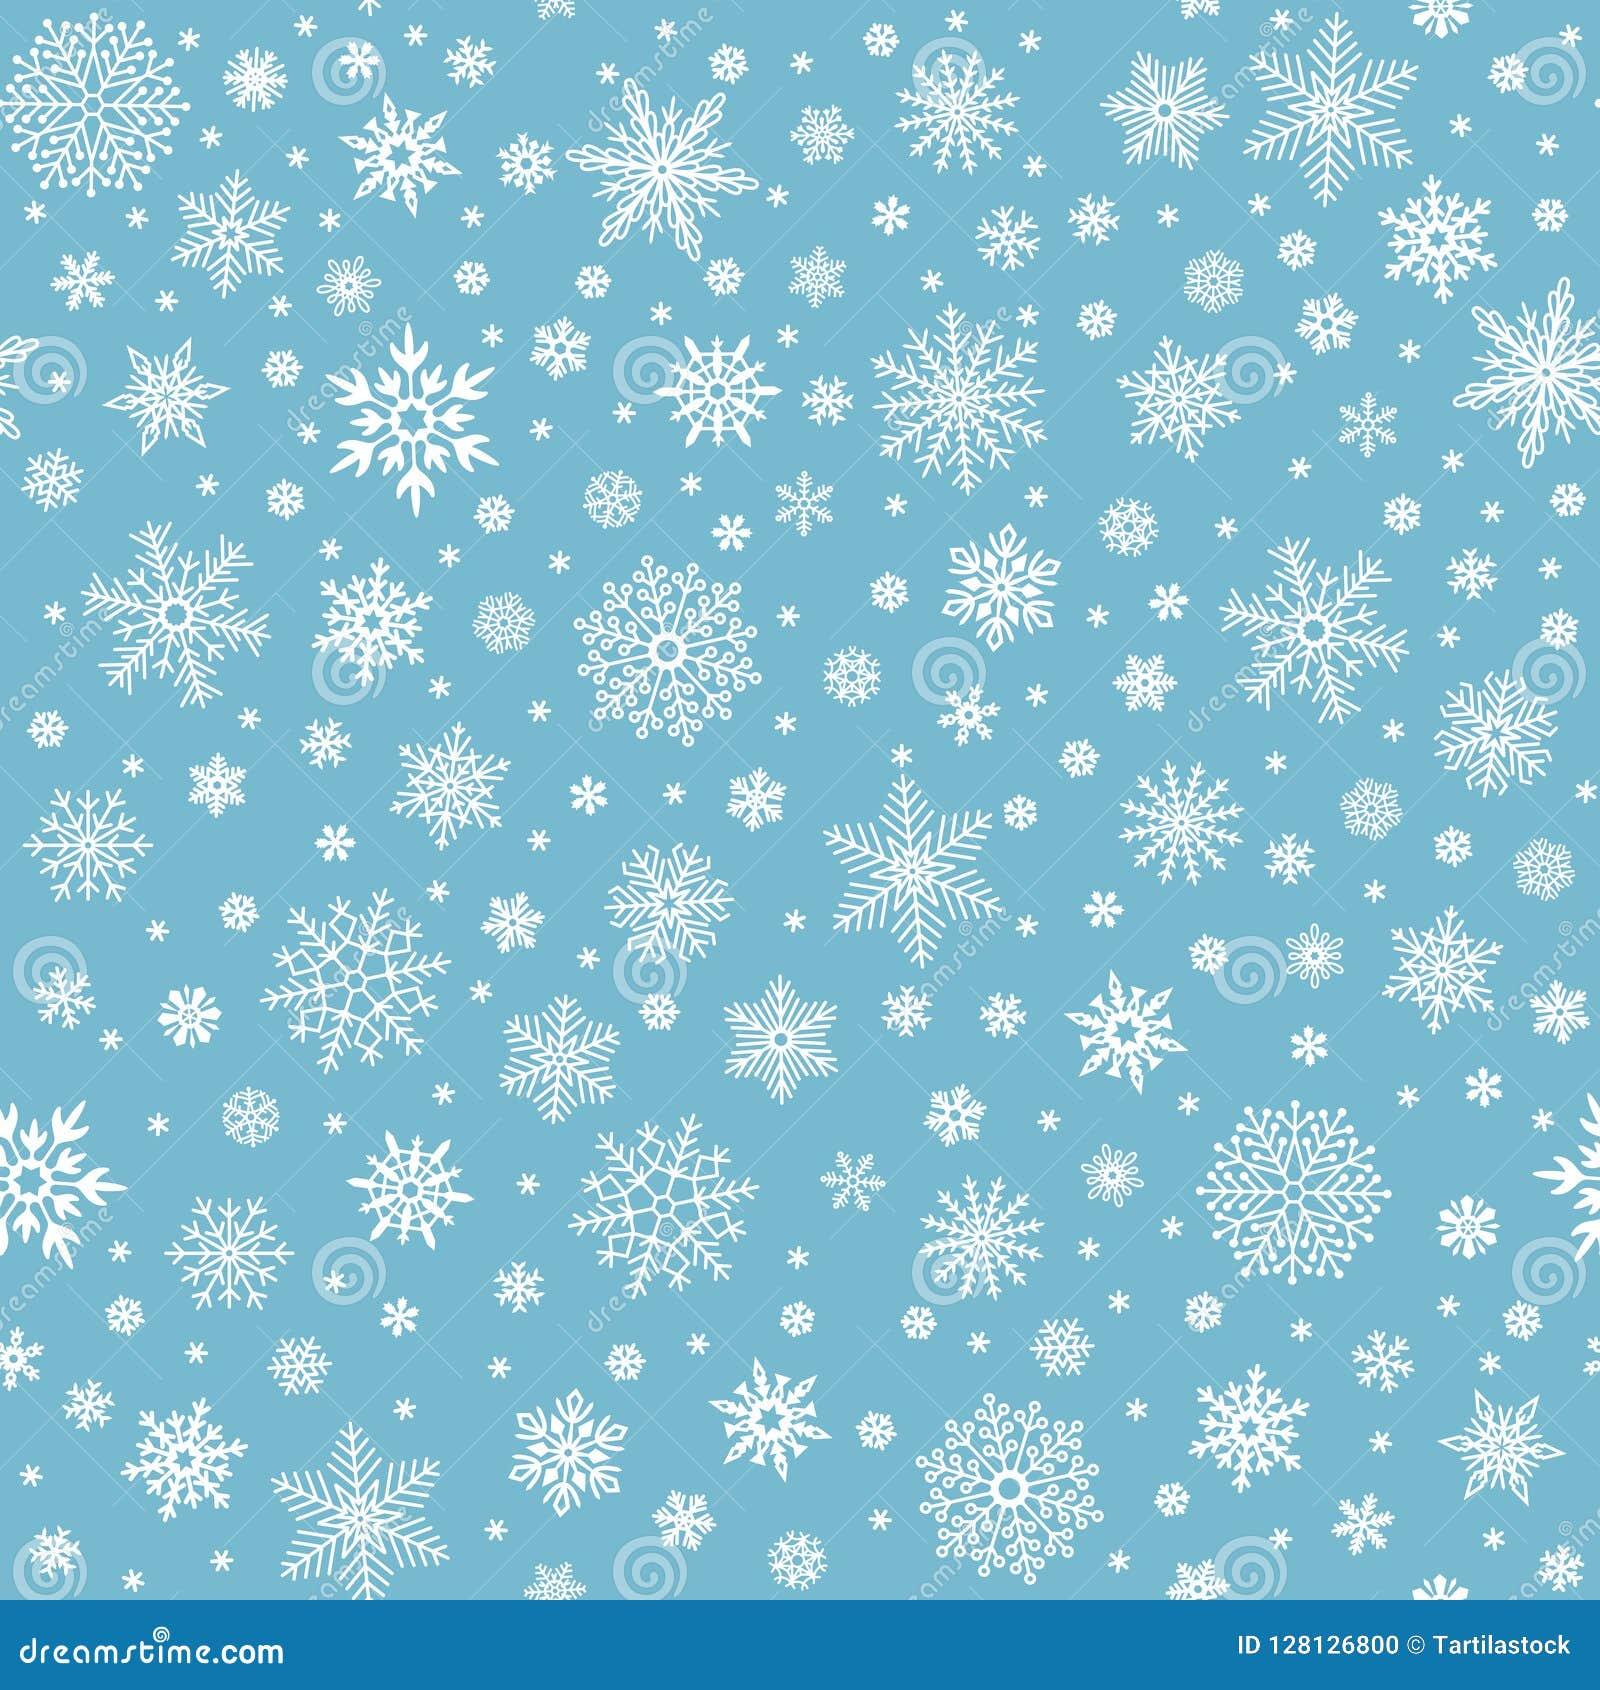 Seamless snowflakes för modell Stjärnor för vintersnöflingan som faller flagar snöar och snöad snöfallvektorbakgrund